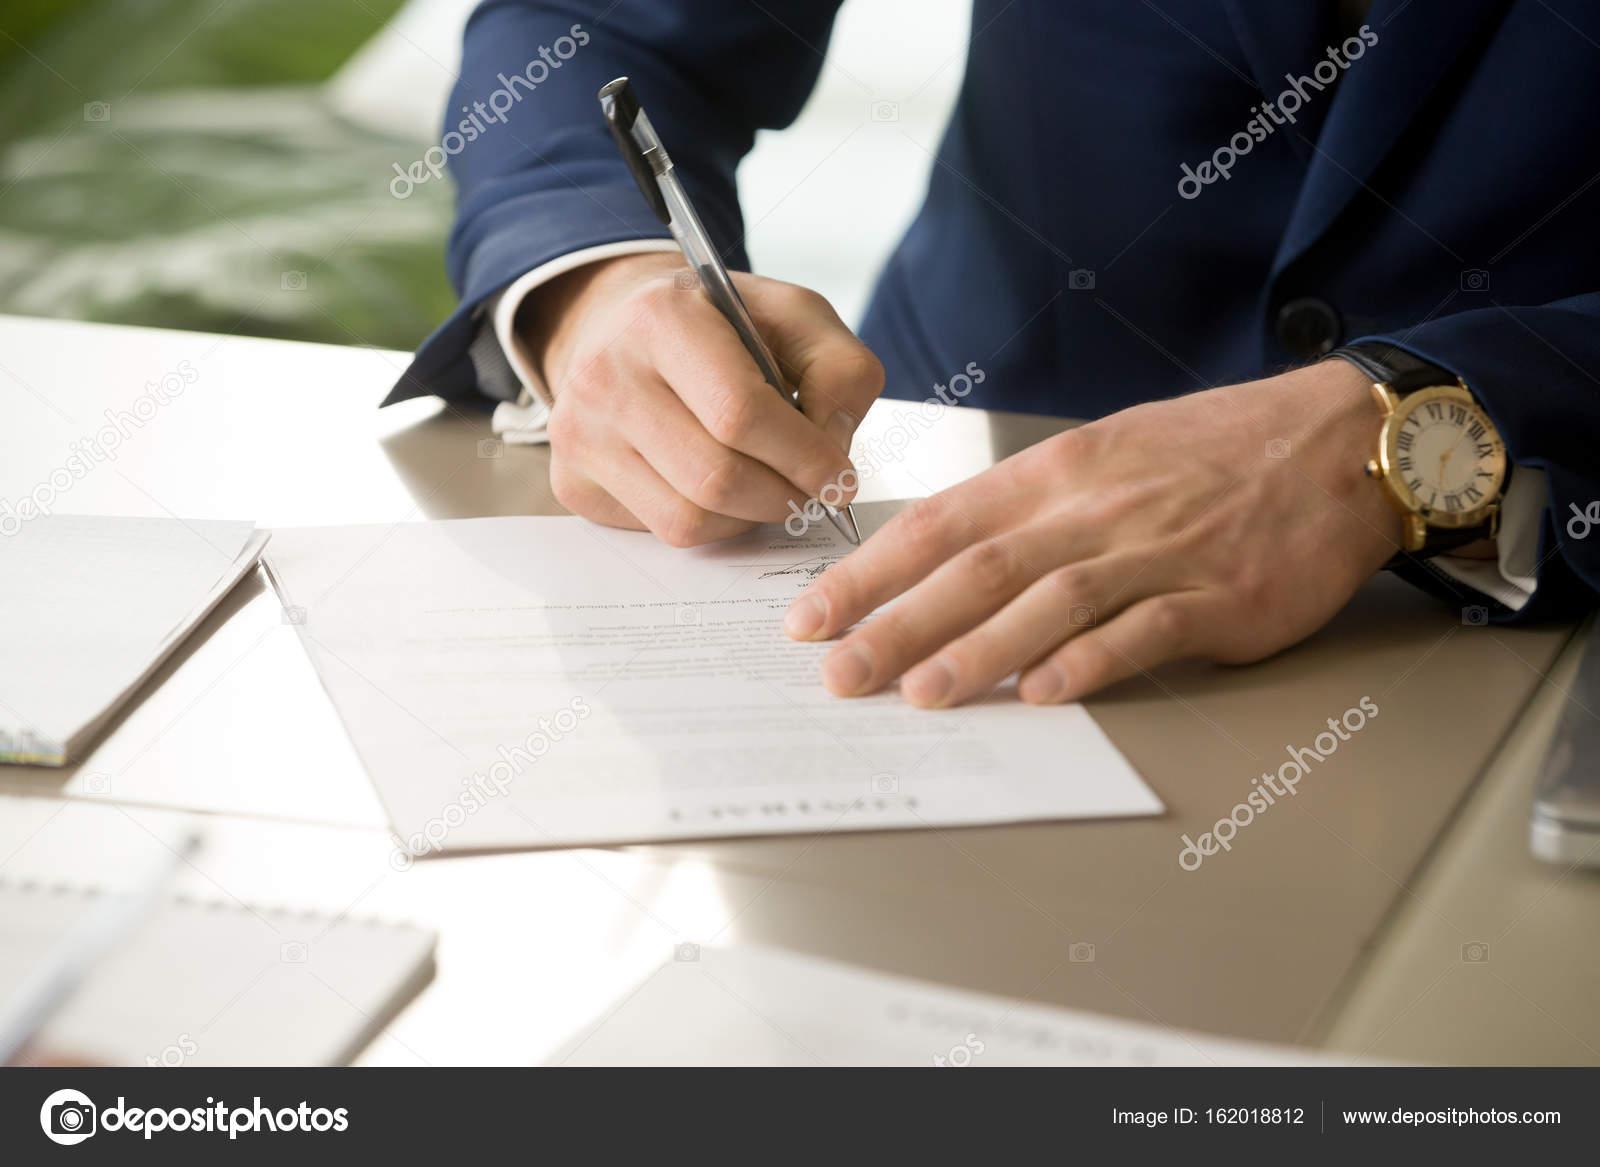 Männliche Hand Unterschrift Auf Vertrag Unterschreiben In Der Nähe